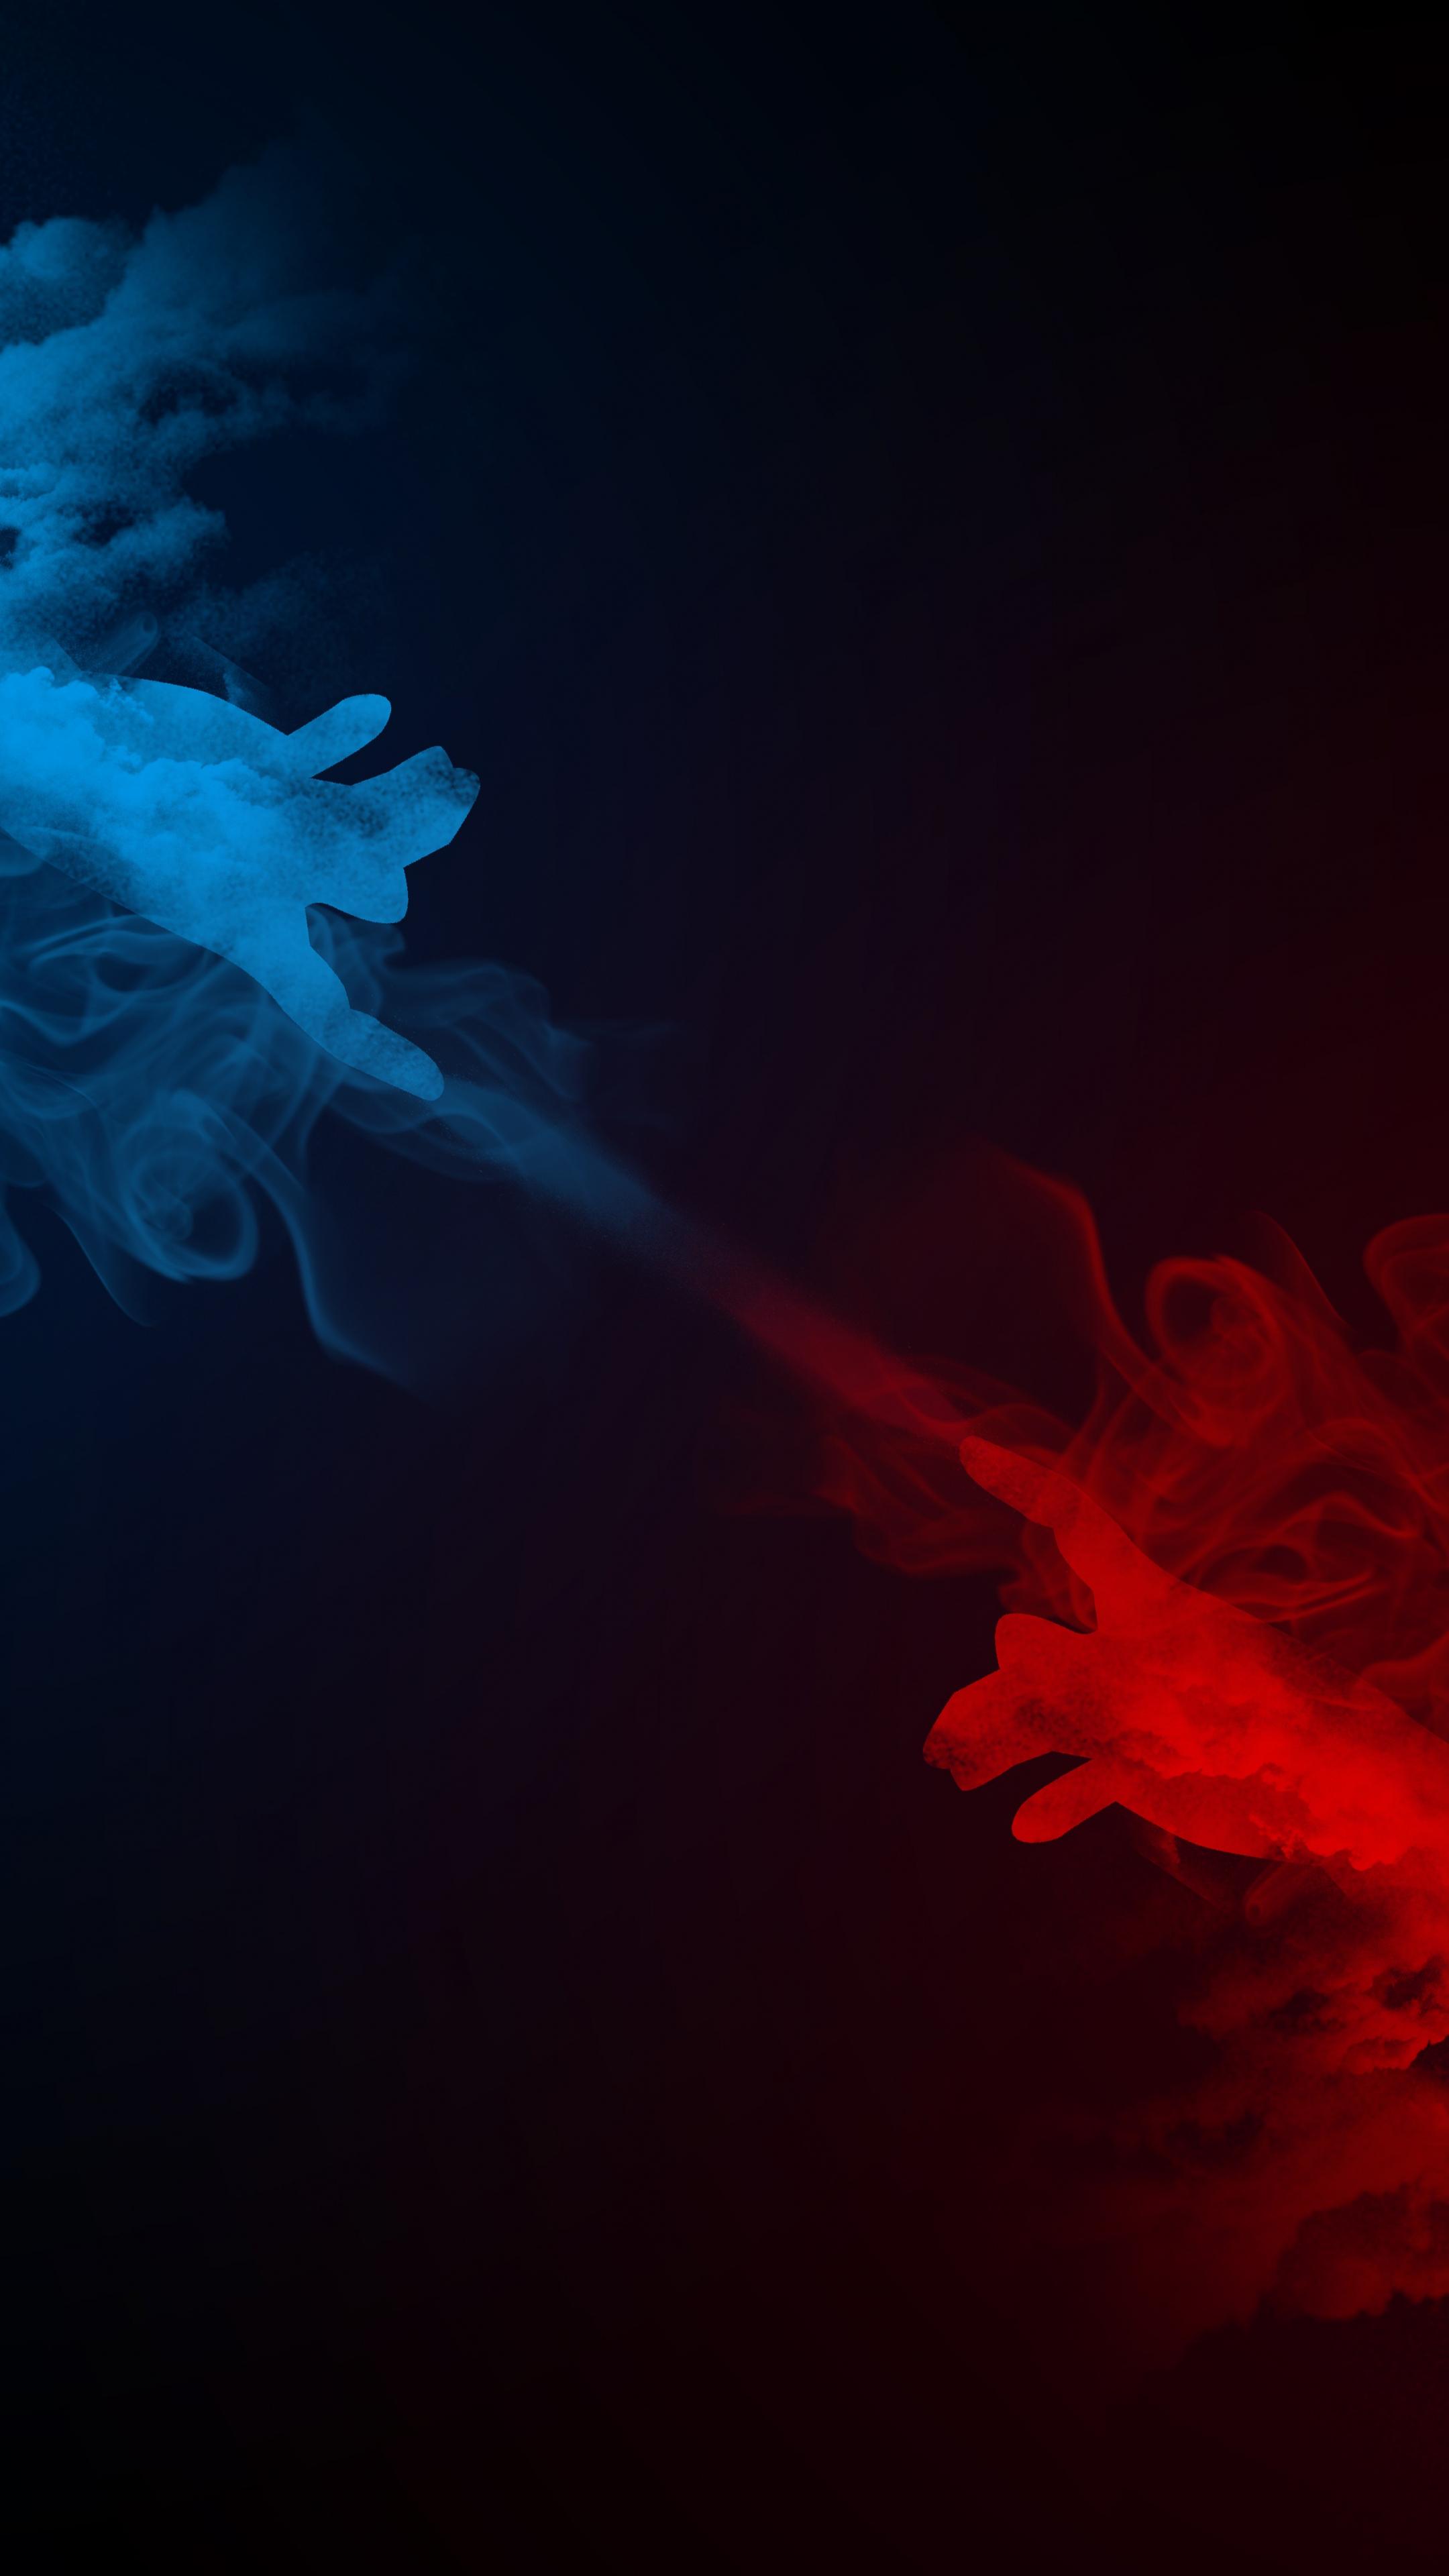 Smoke, hands, digital art, abstract, 2160x3840 wallpaper